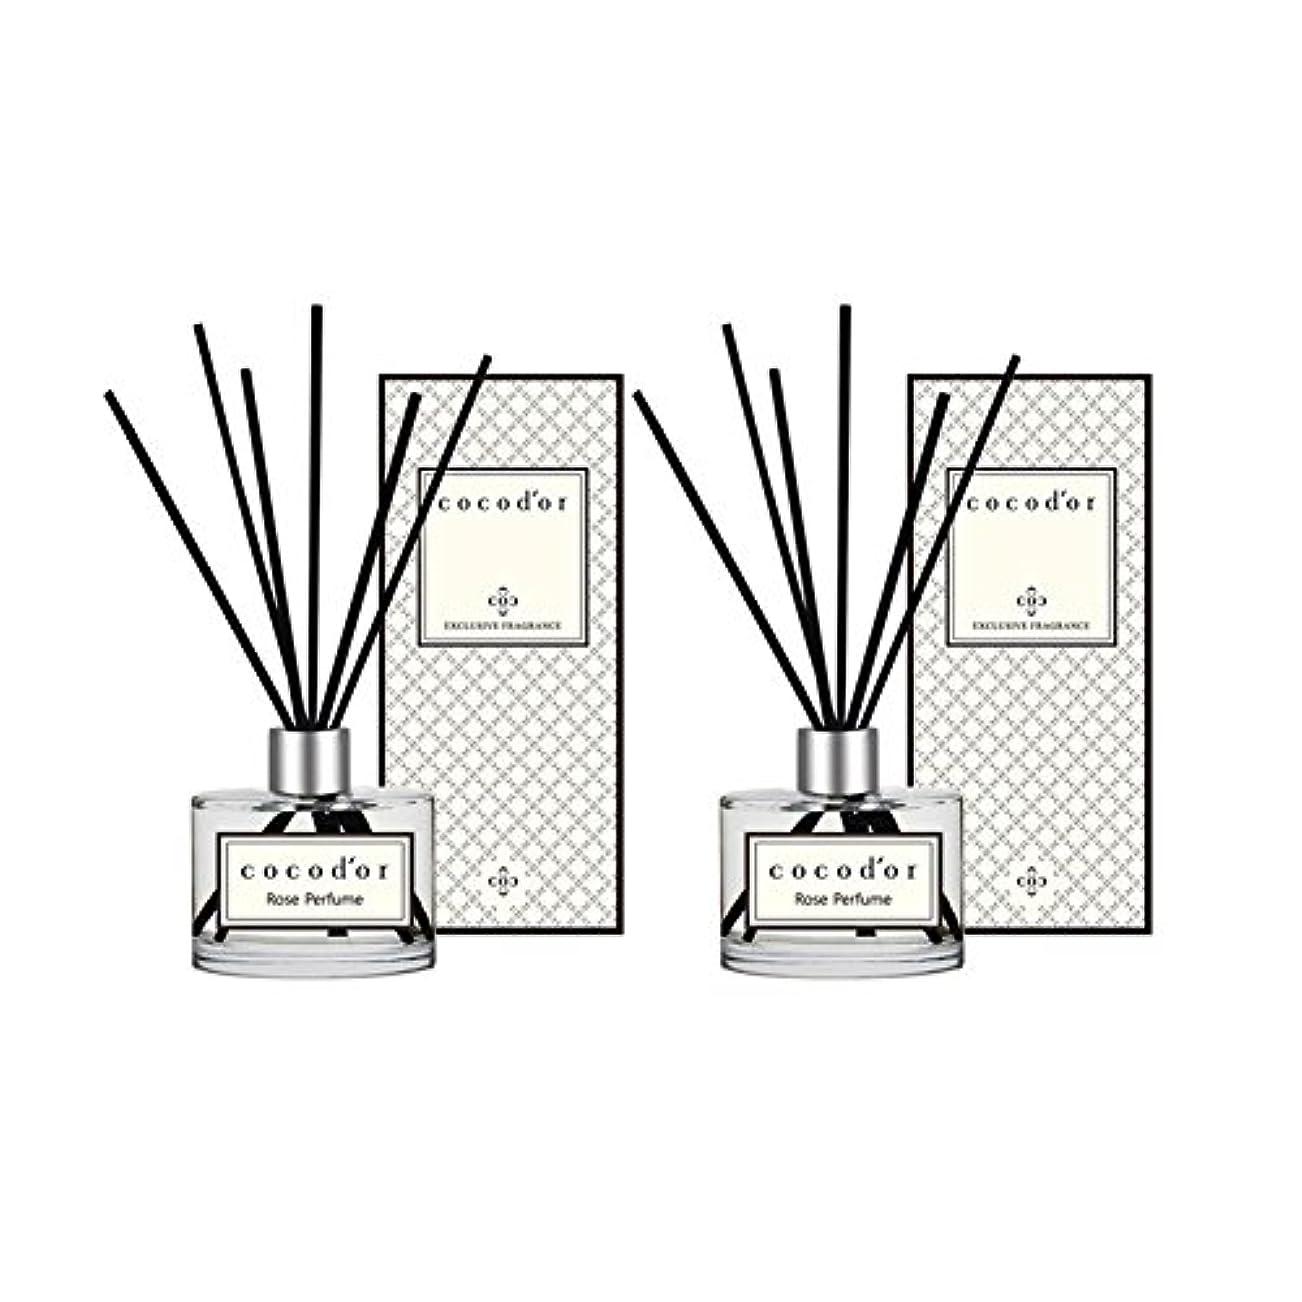 (ココドール) COCODOR リードディフューザー本品2個(400ml) (ローズパフューム) [並行輸入品]